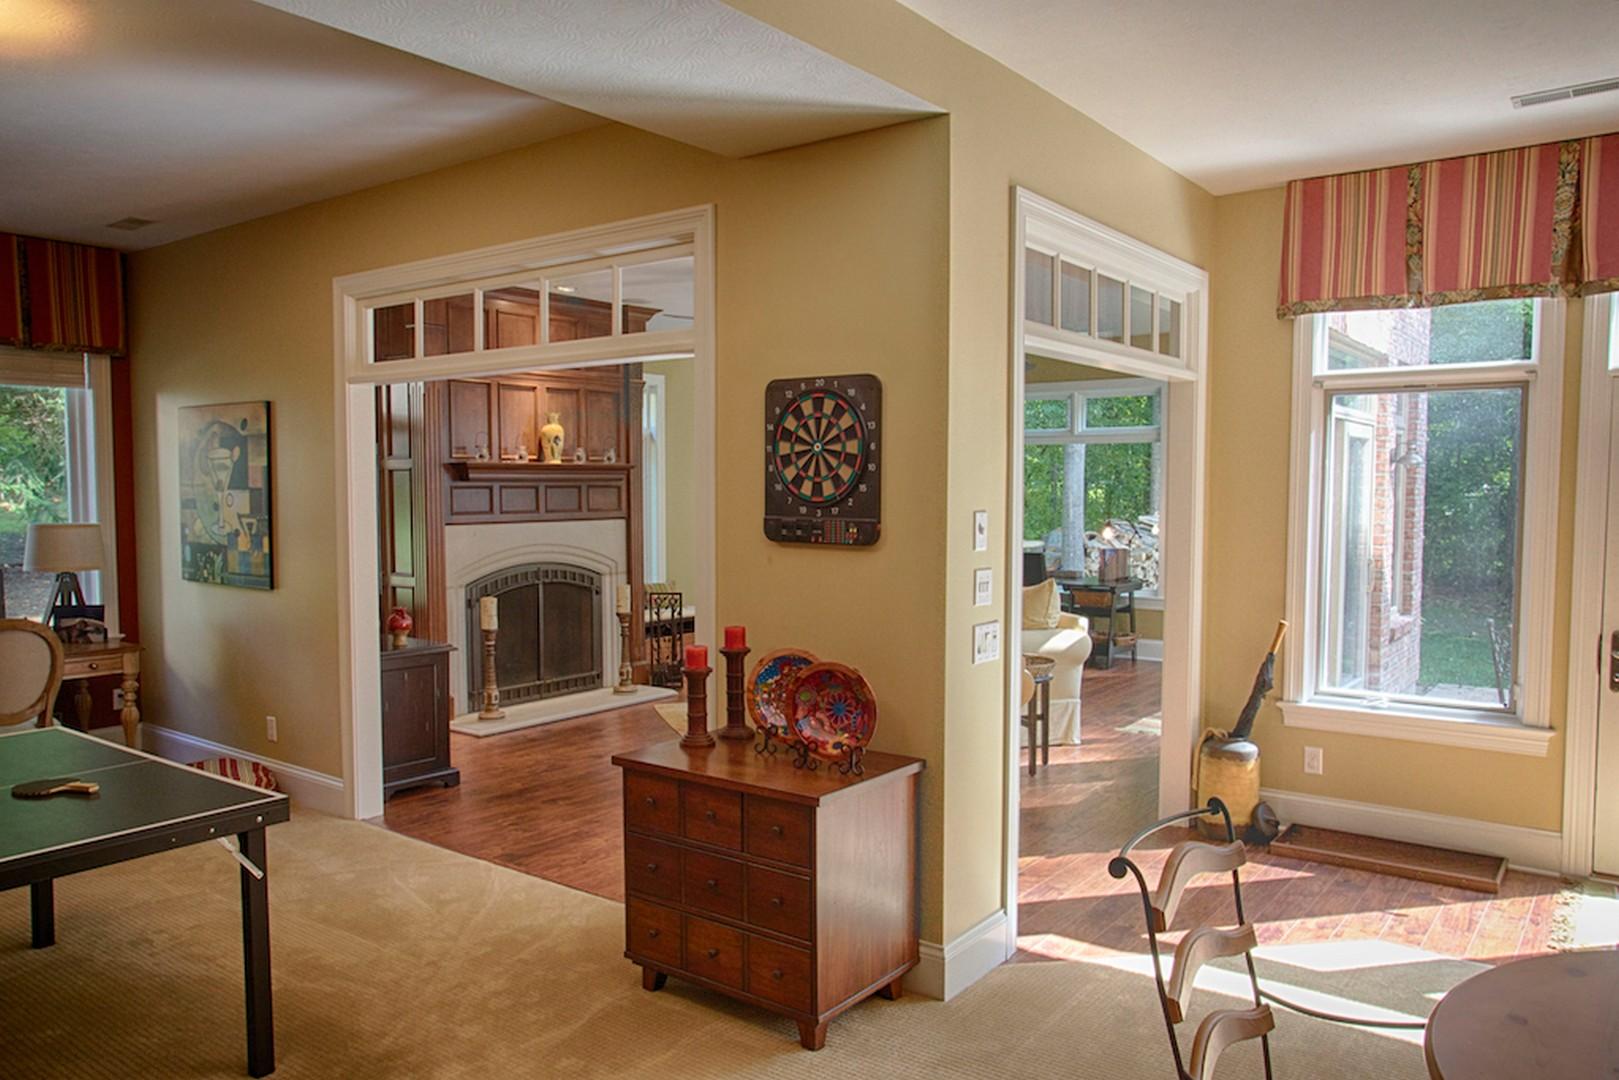 Daniel DeVol Builder - Bellbrook Room Addition